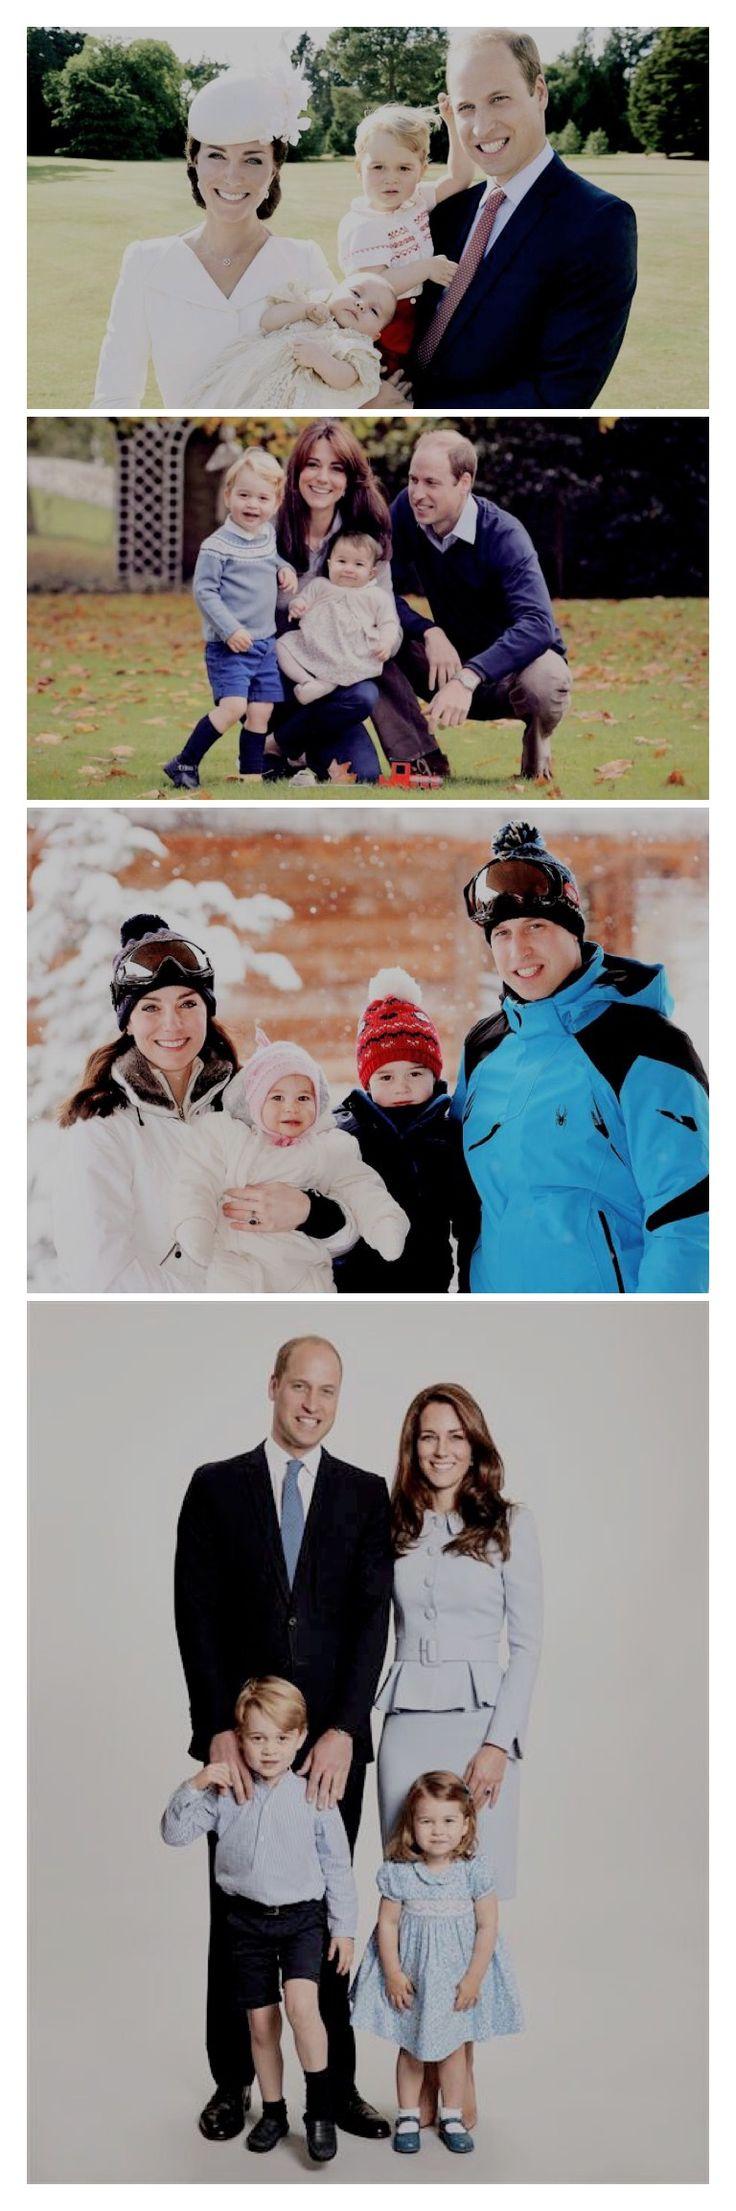 The Cambridges official photos as a family of four.